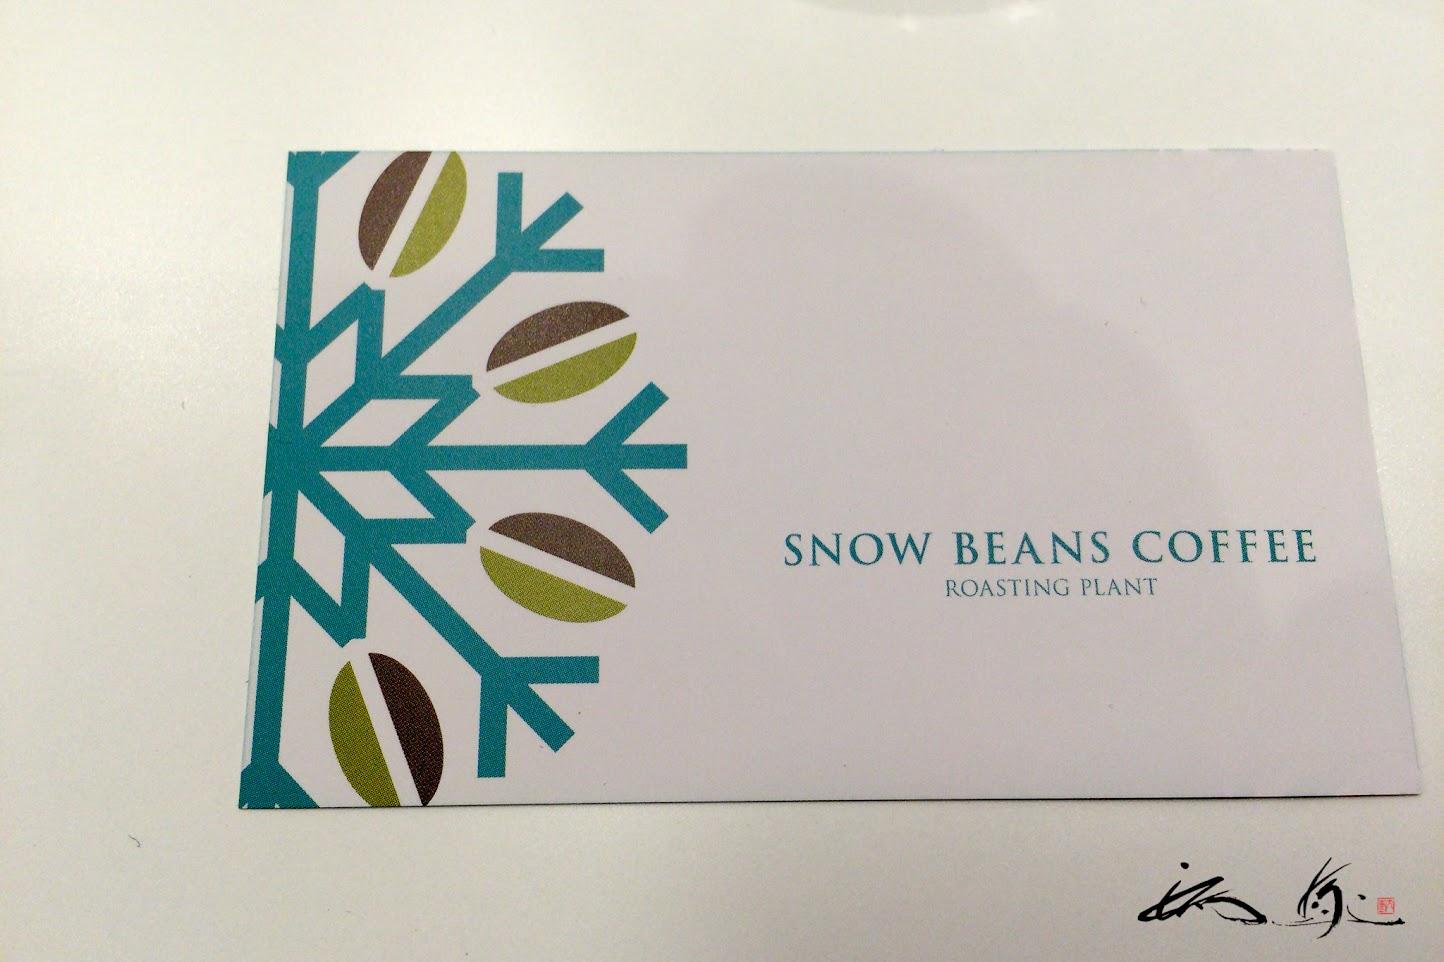 Snow Beans Coffee(東京都品川区)